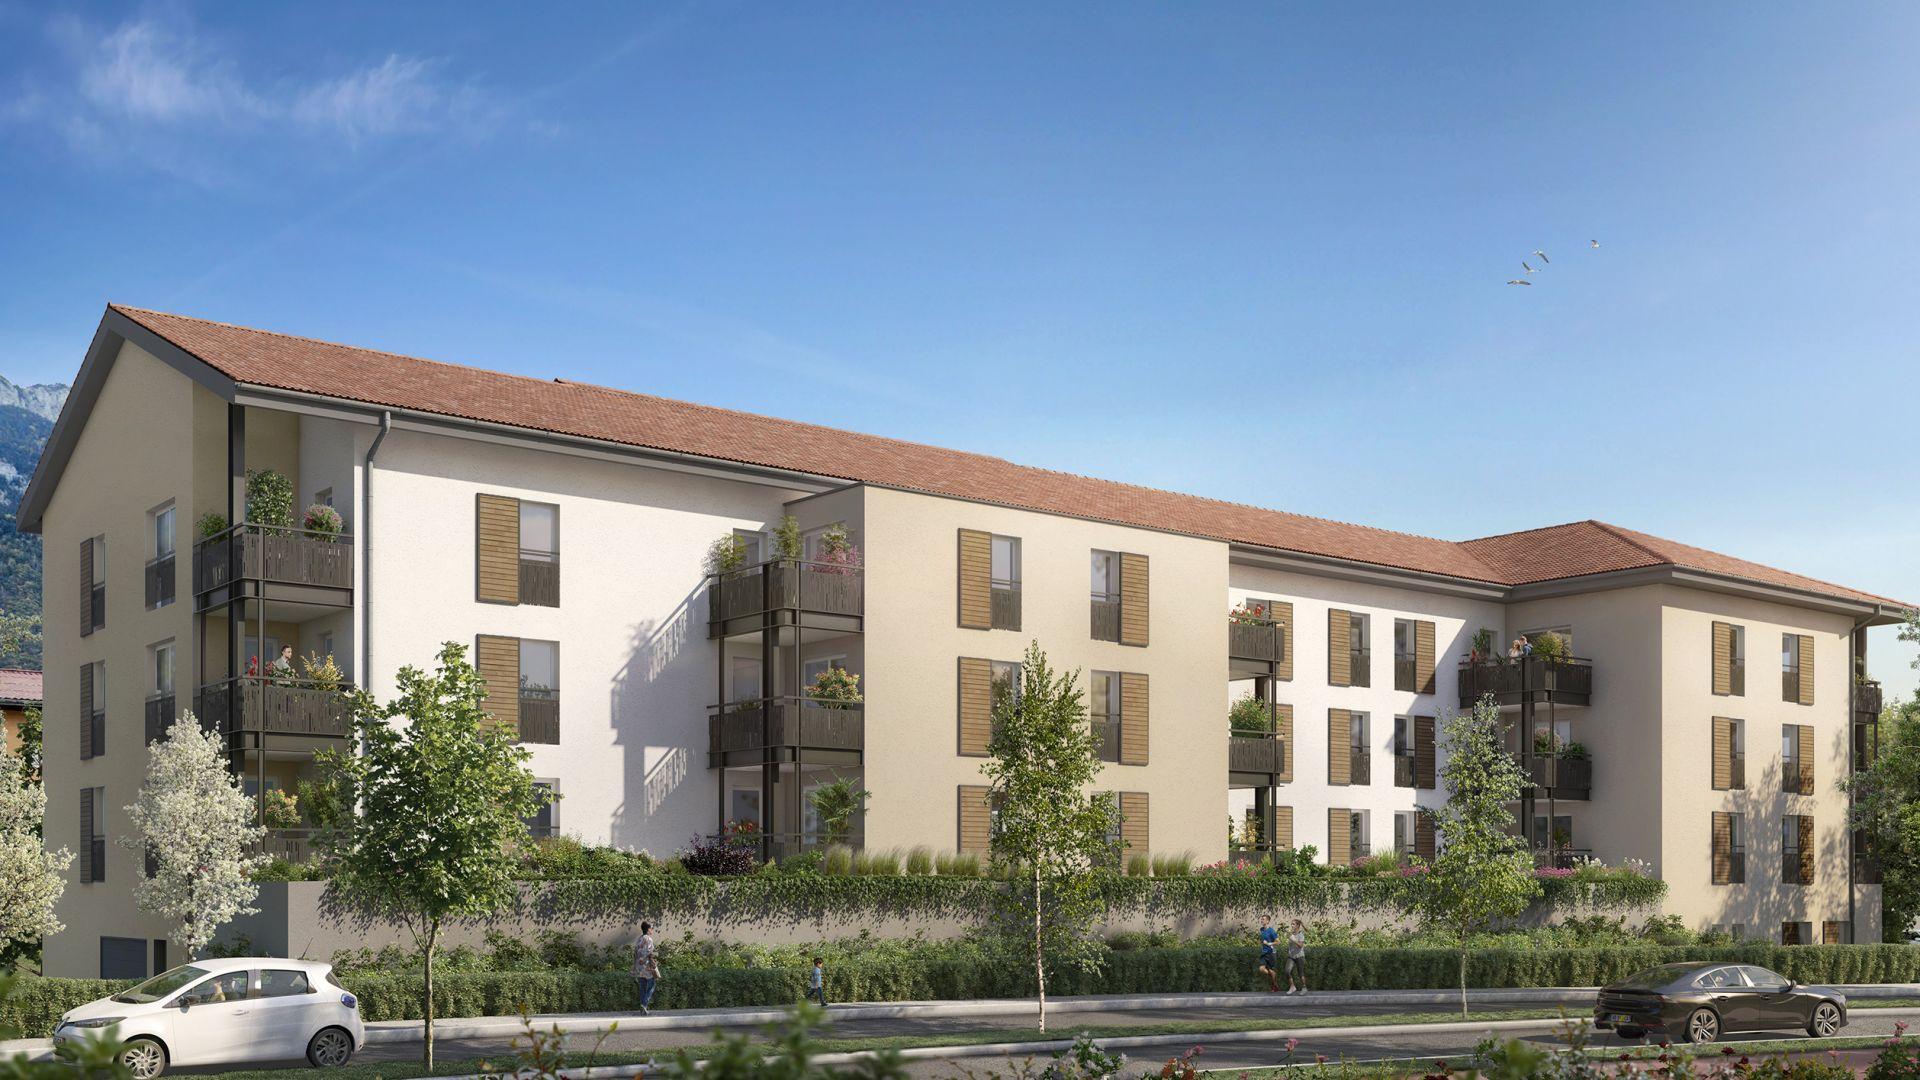 Greencity Immobilier - Clos Charvin - achat appartement neuf du T1 au T3 - Bonneville 74130